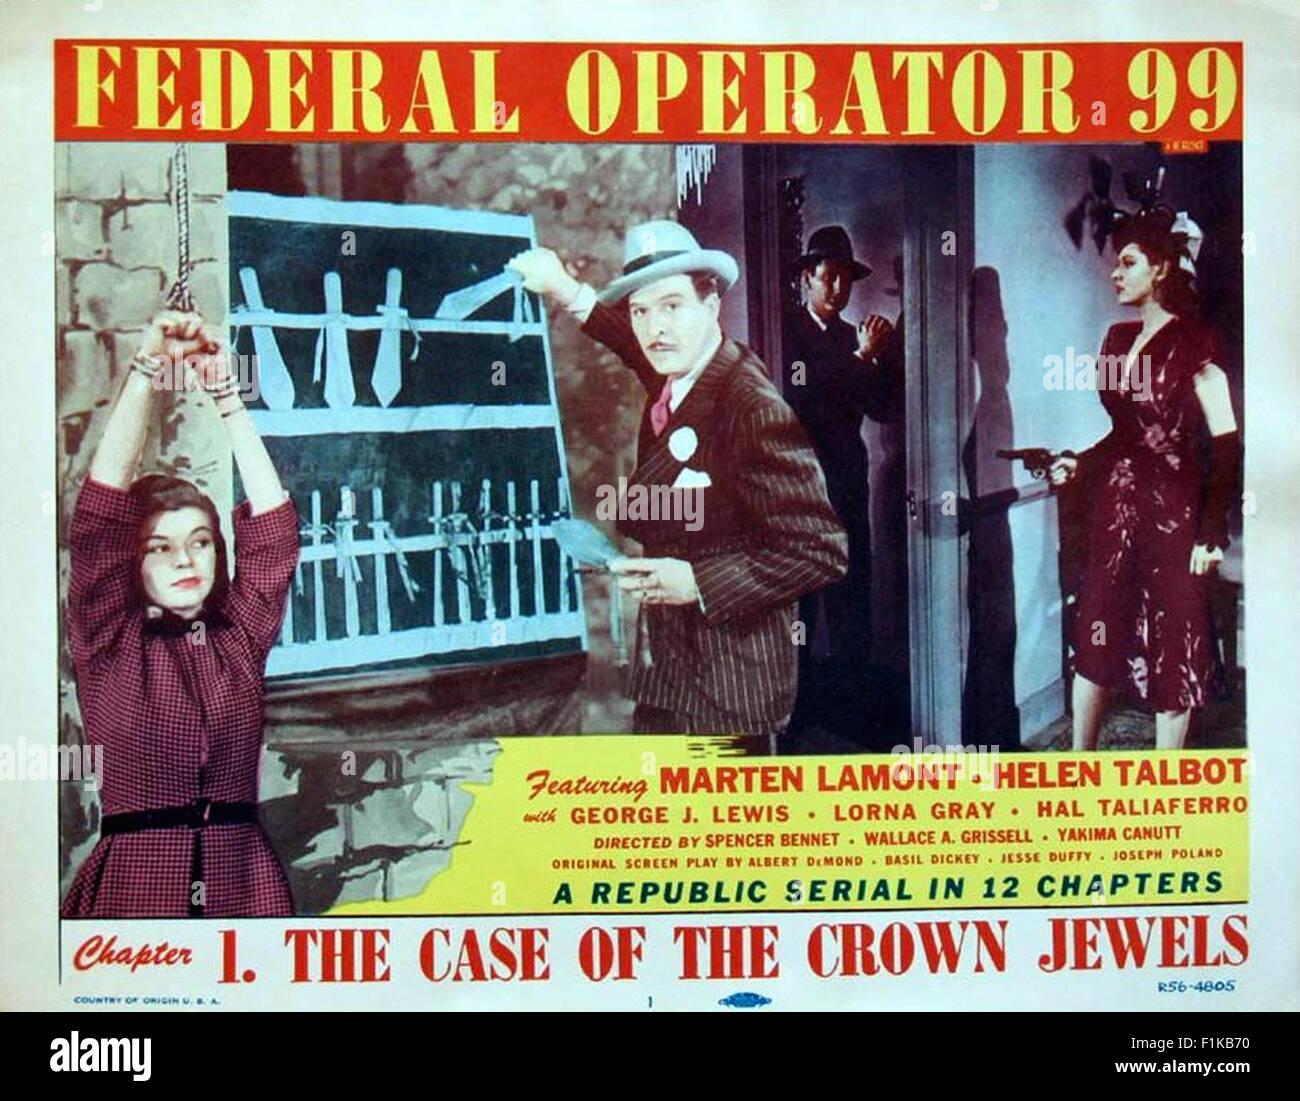 Operatore federale 99 001 - poster del filmato Immagini Stock